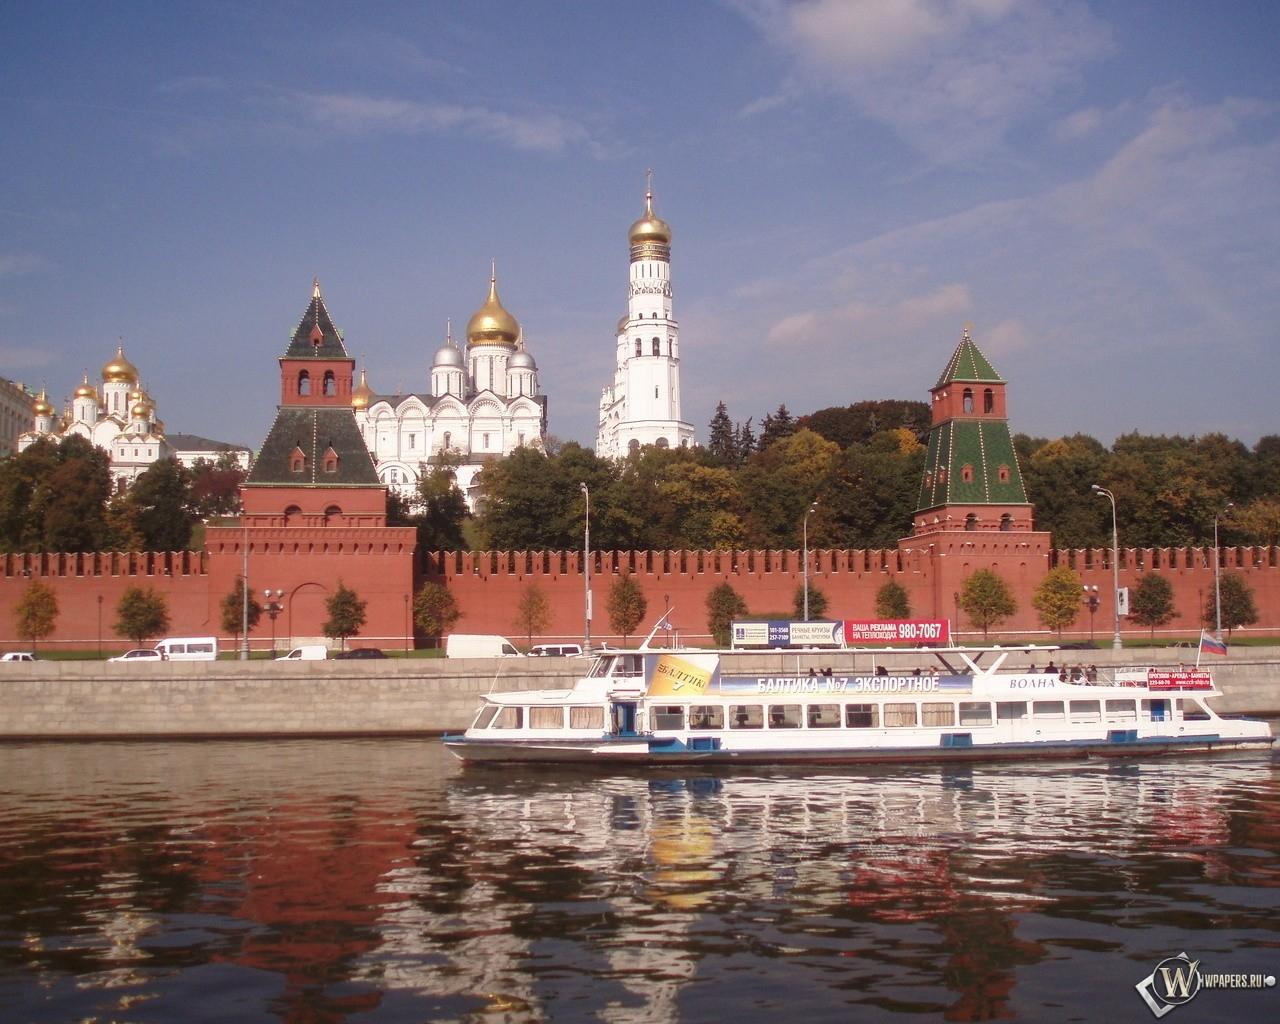 Софийская набережная (Москва) 1280x1024